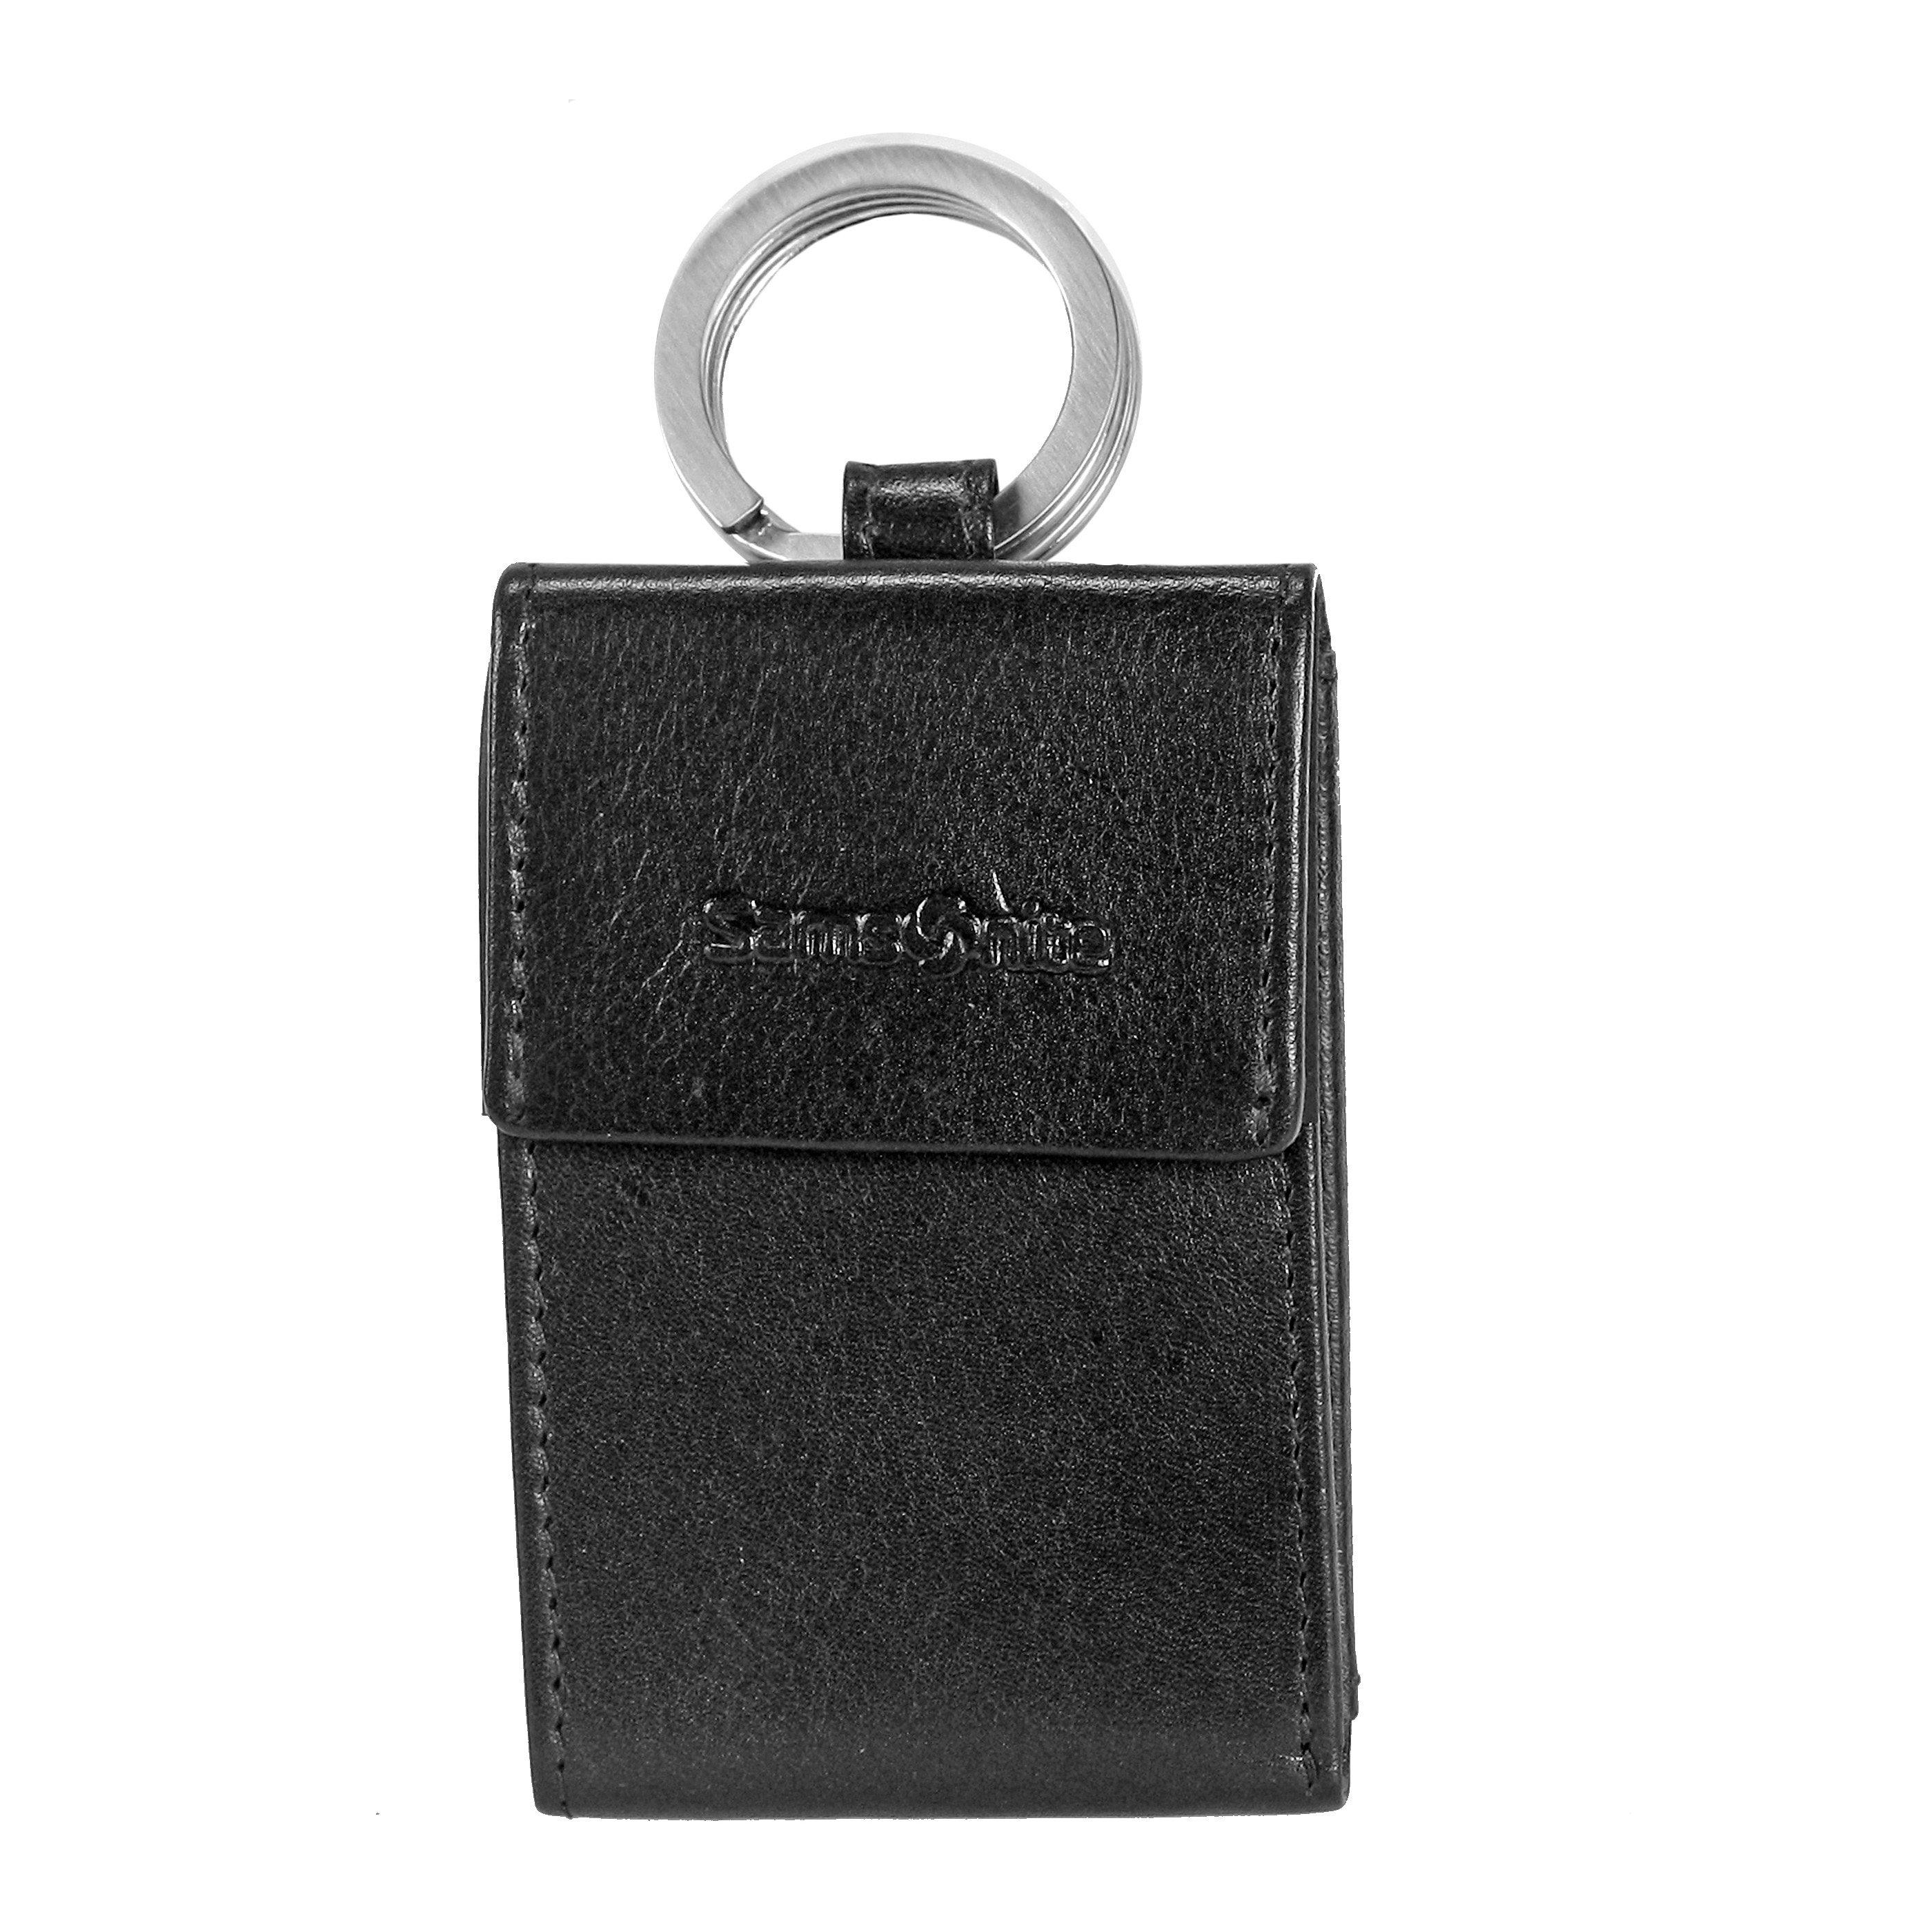 Samsonite Success SLG Schlüsseltasche Minibörse Leder 9 cm